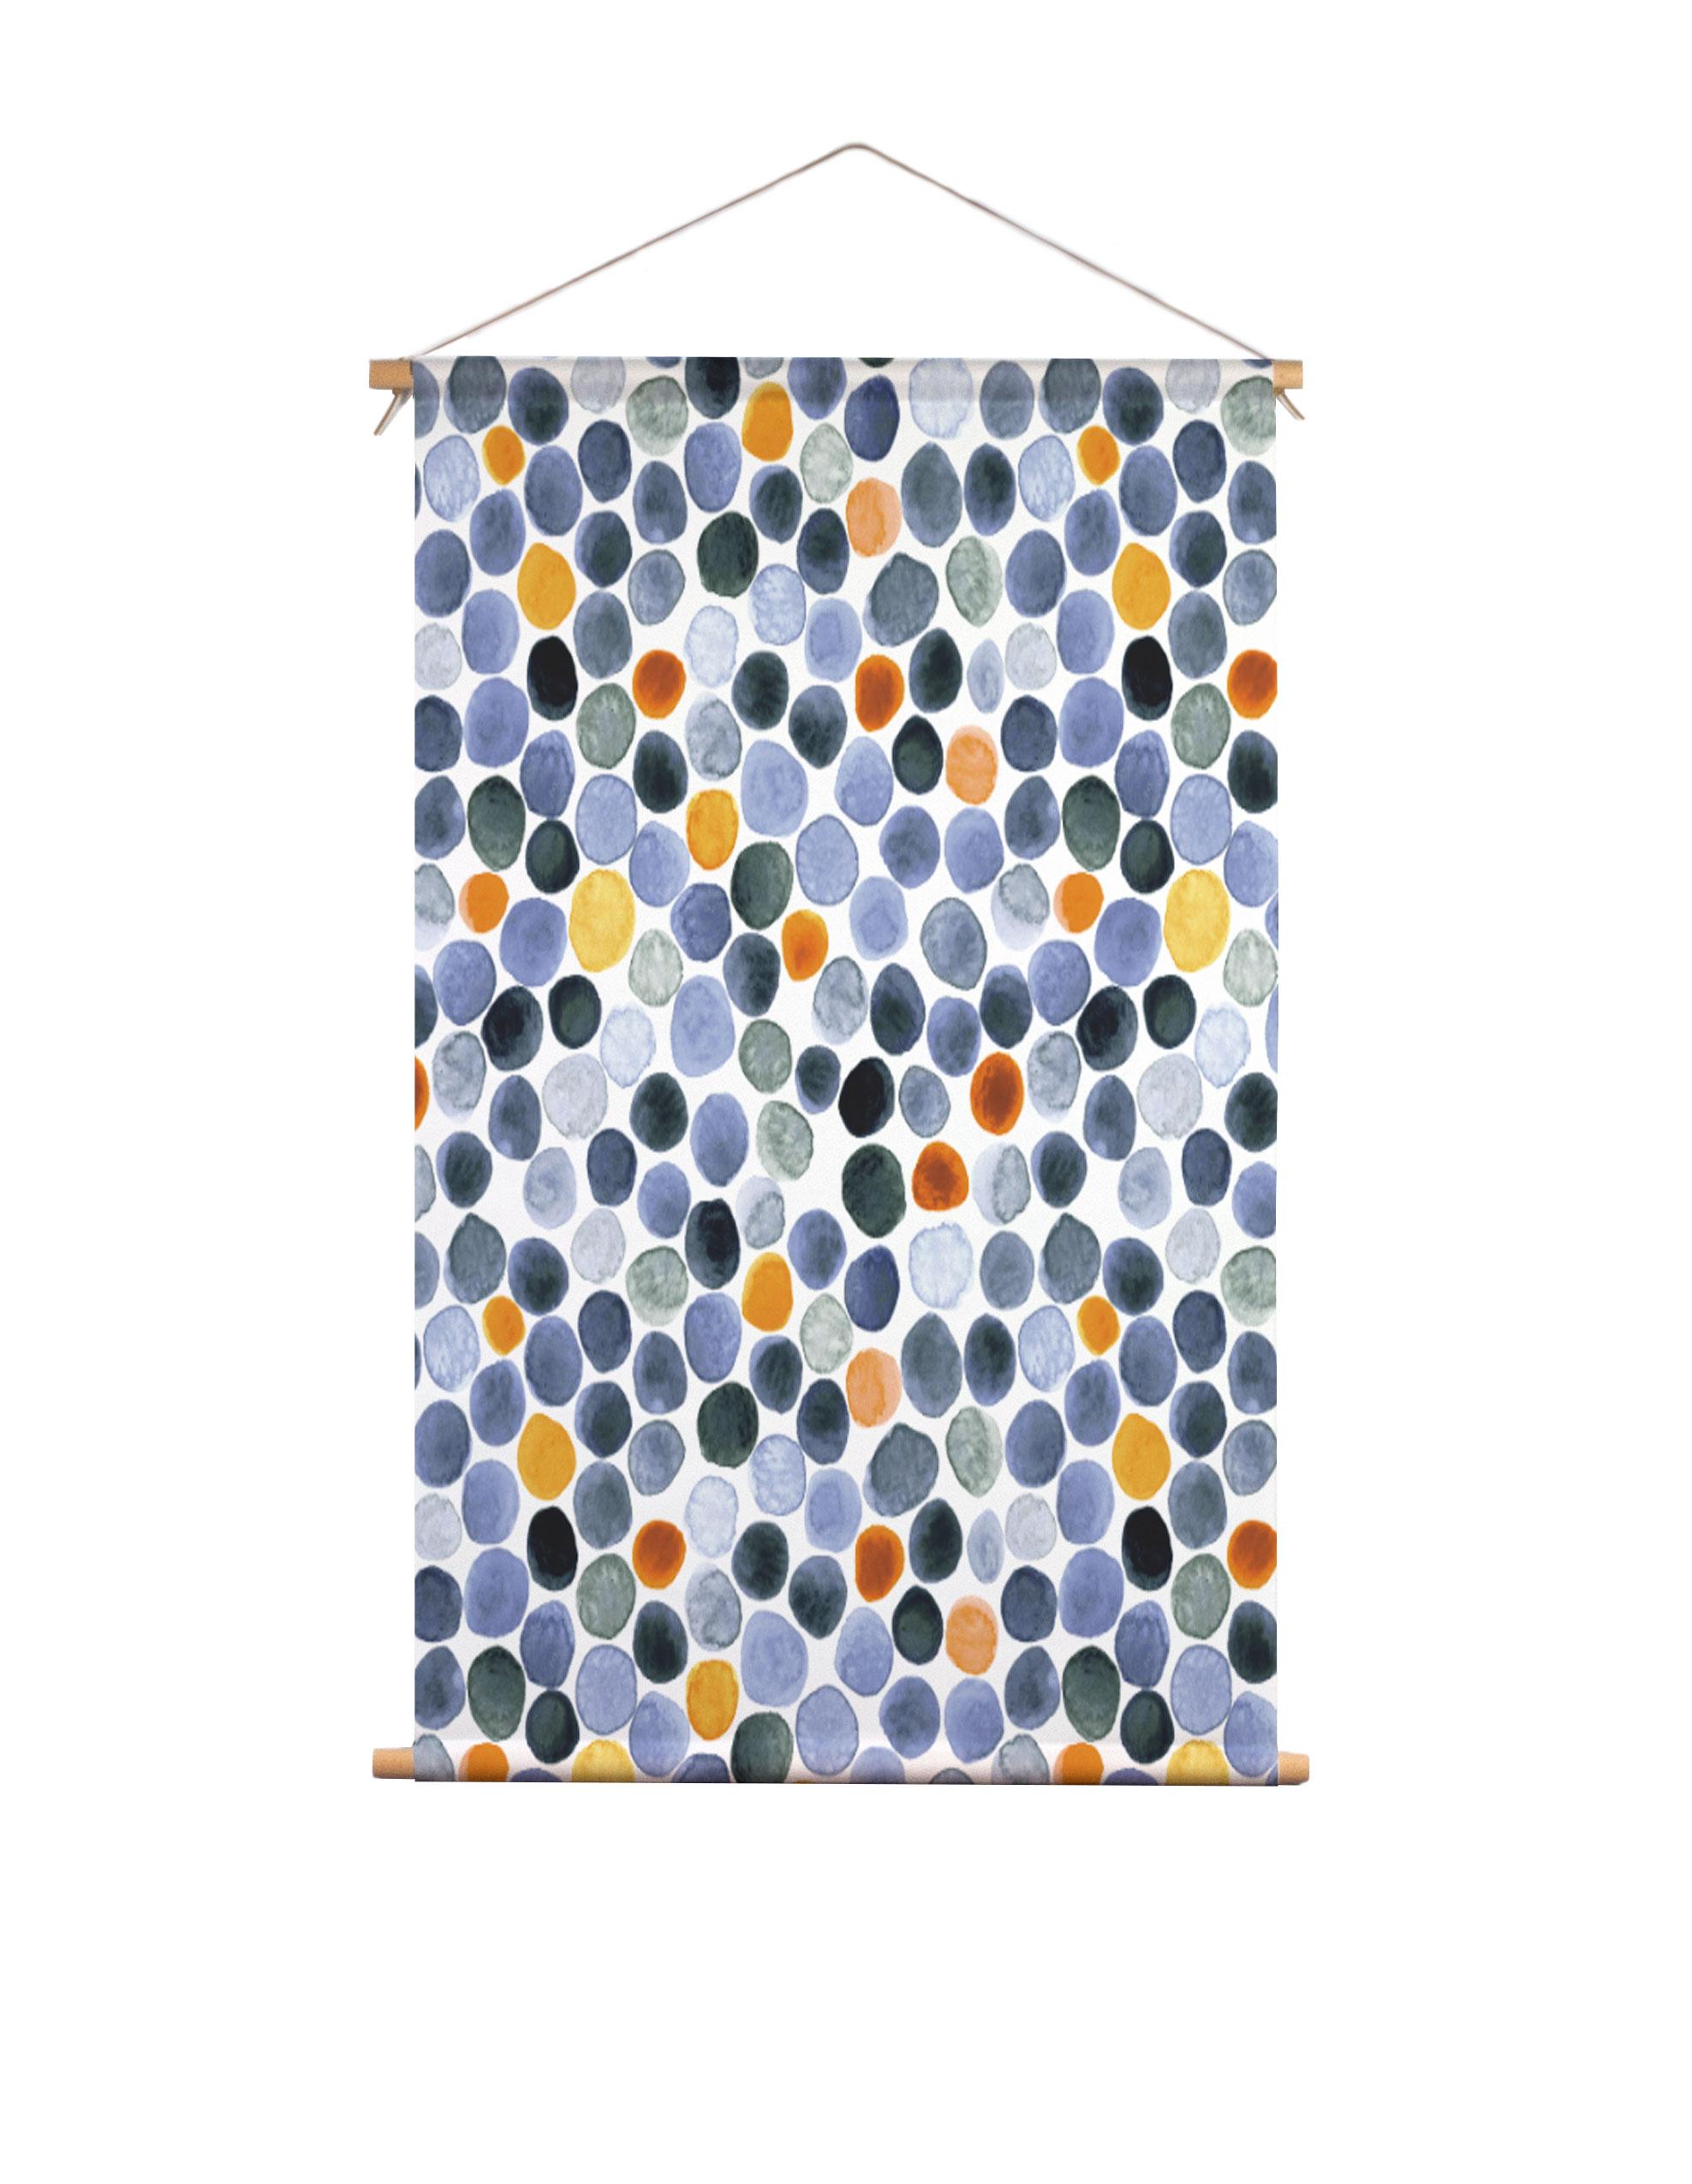 Textielposter-waterverf-stip-Veronique-de-Jong